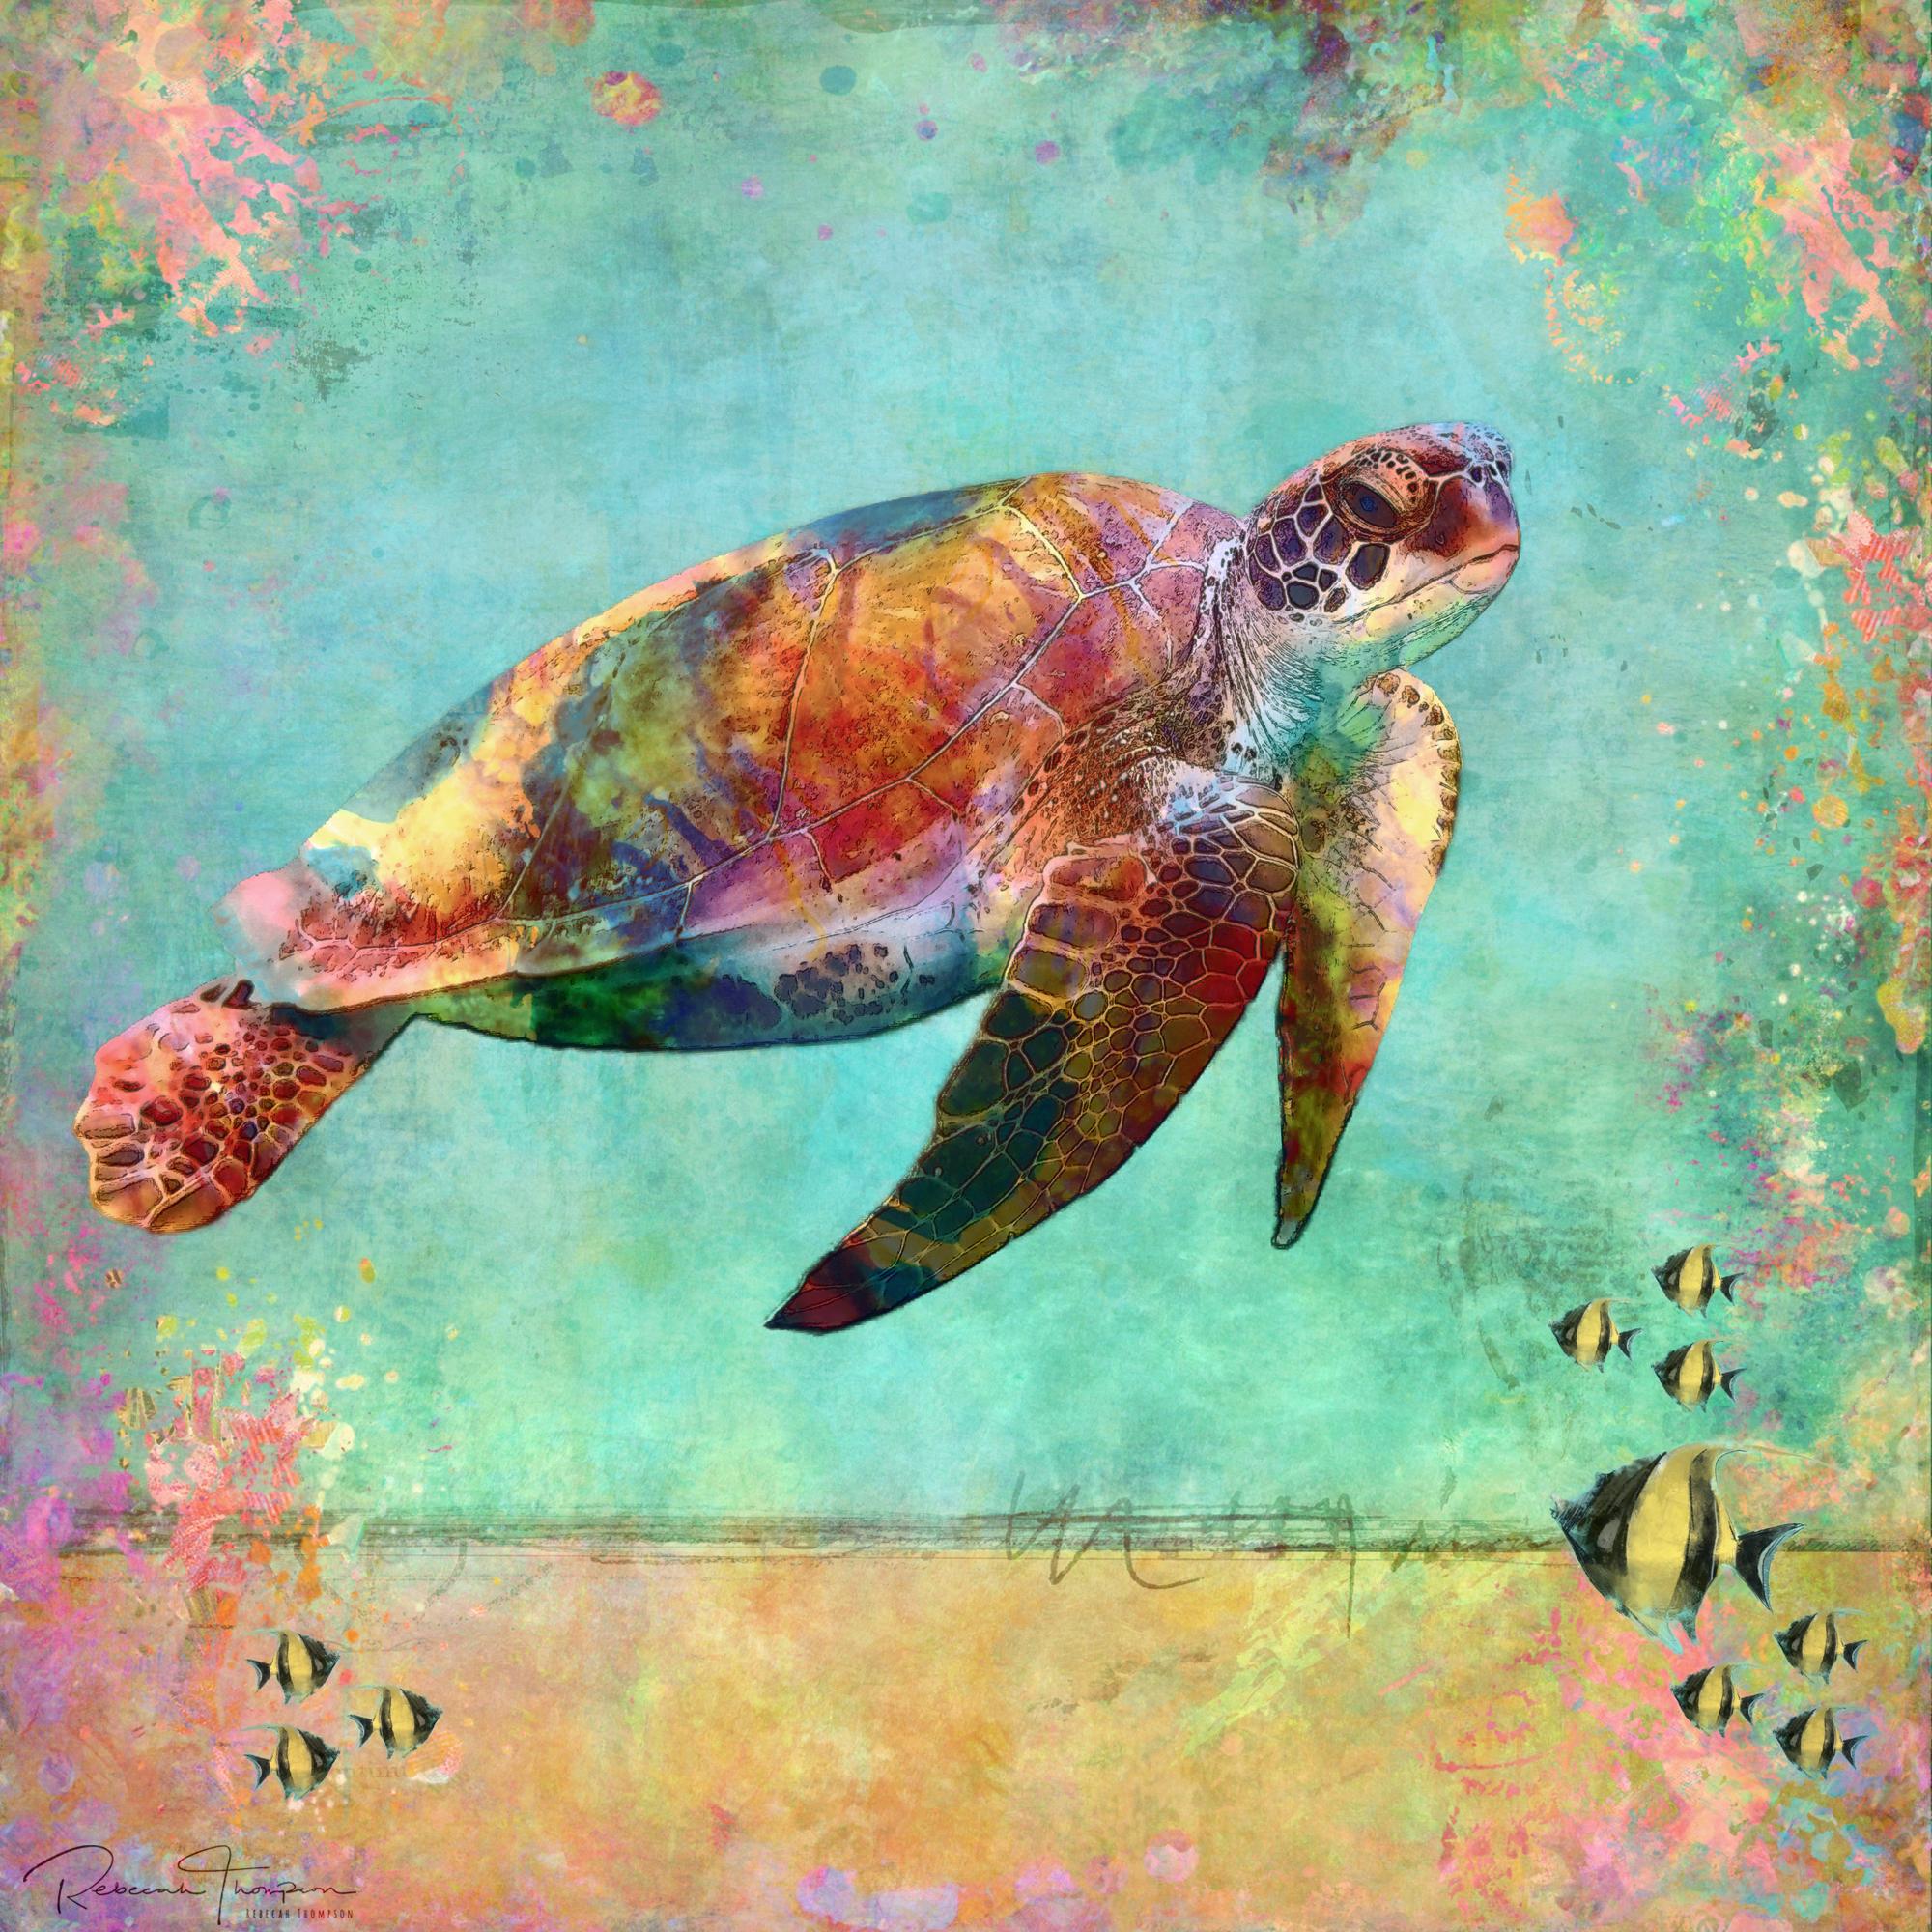 Sea Turtle 1 (small signed).jpg